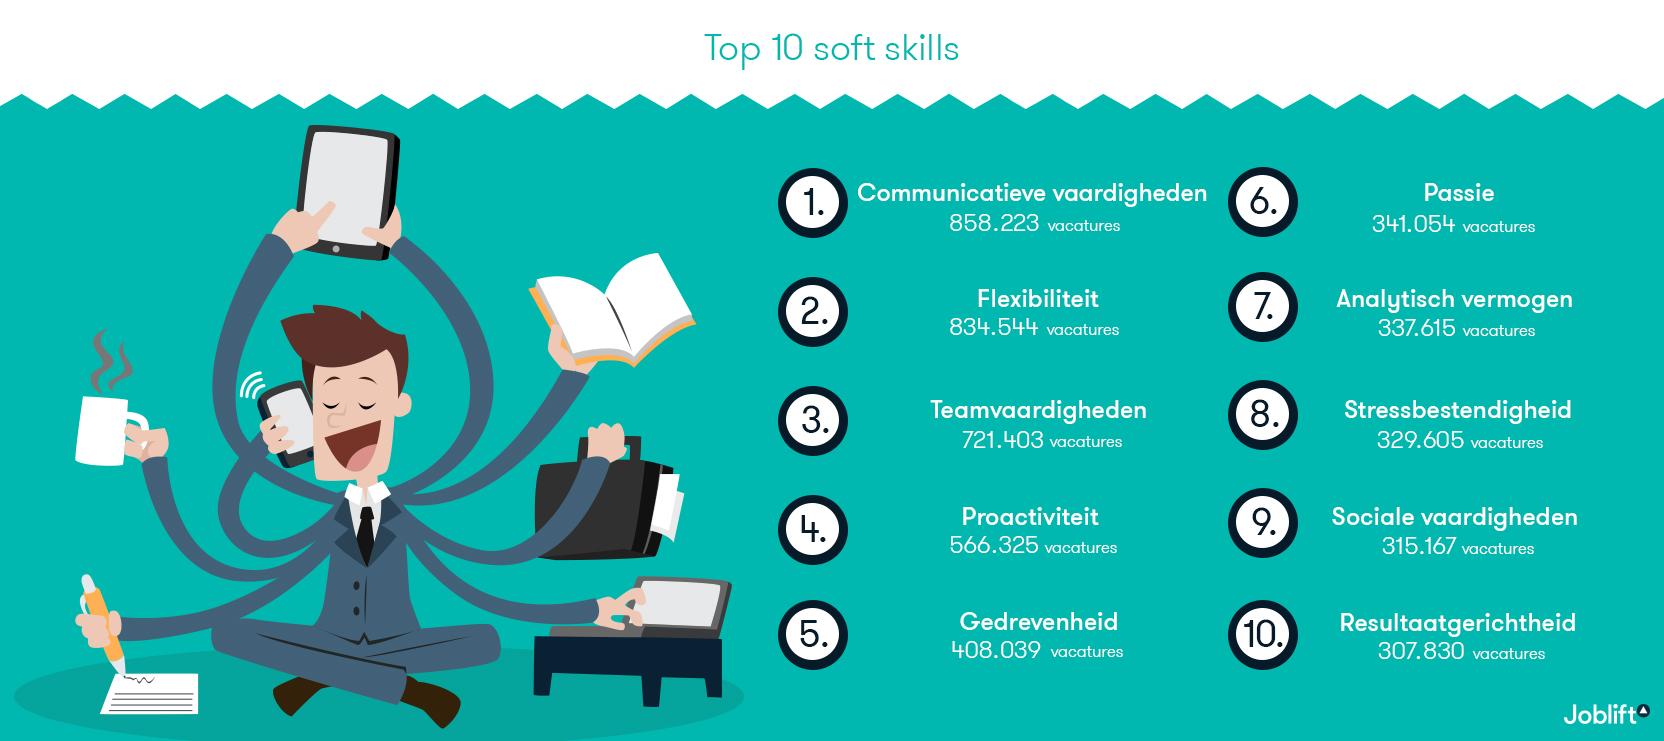 soft skills programmeur moet teamspeler zijn smedewerker infographic als jpg en